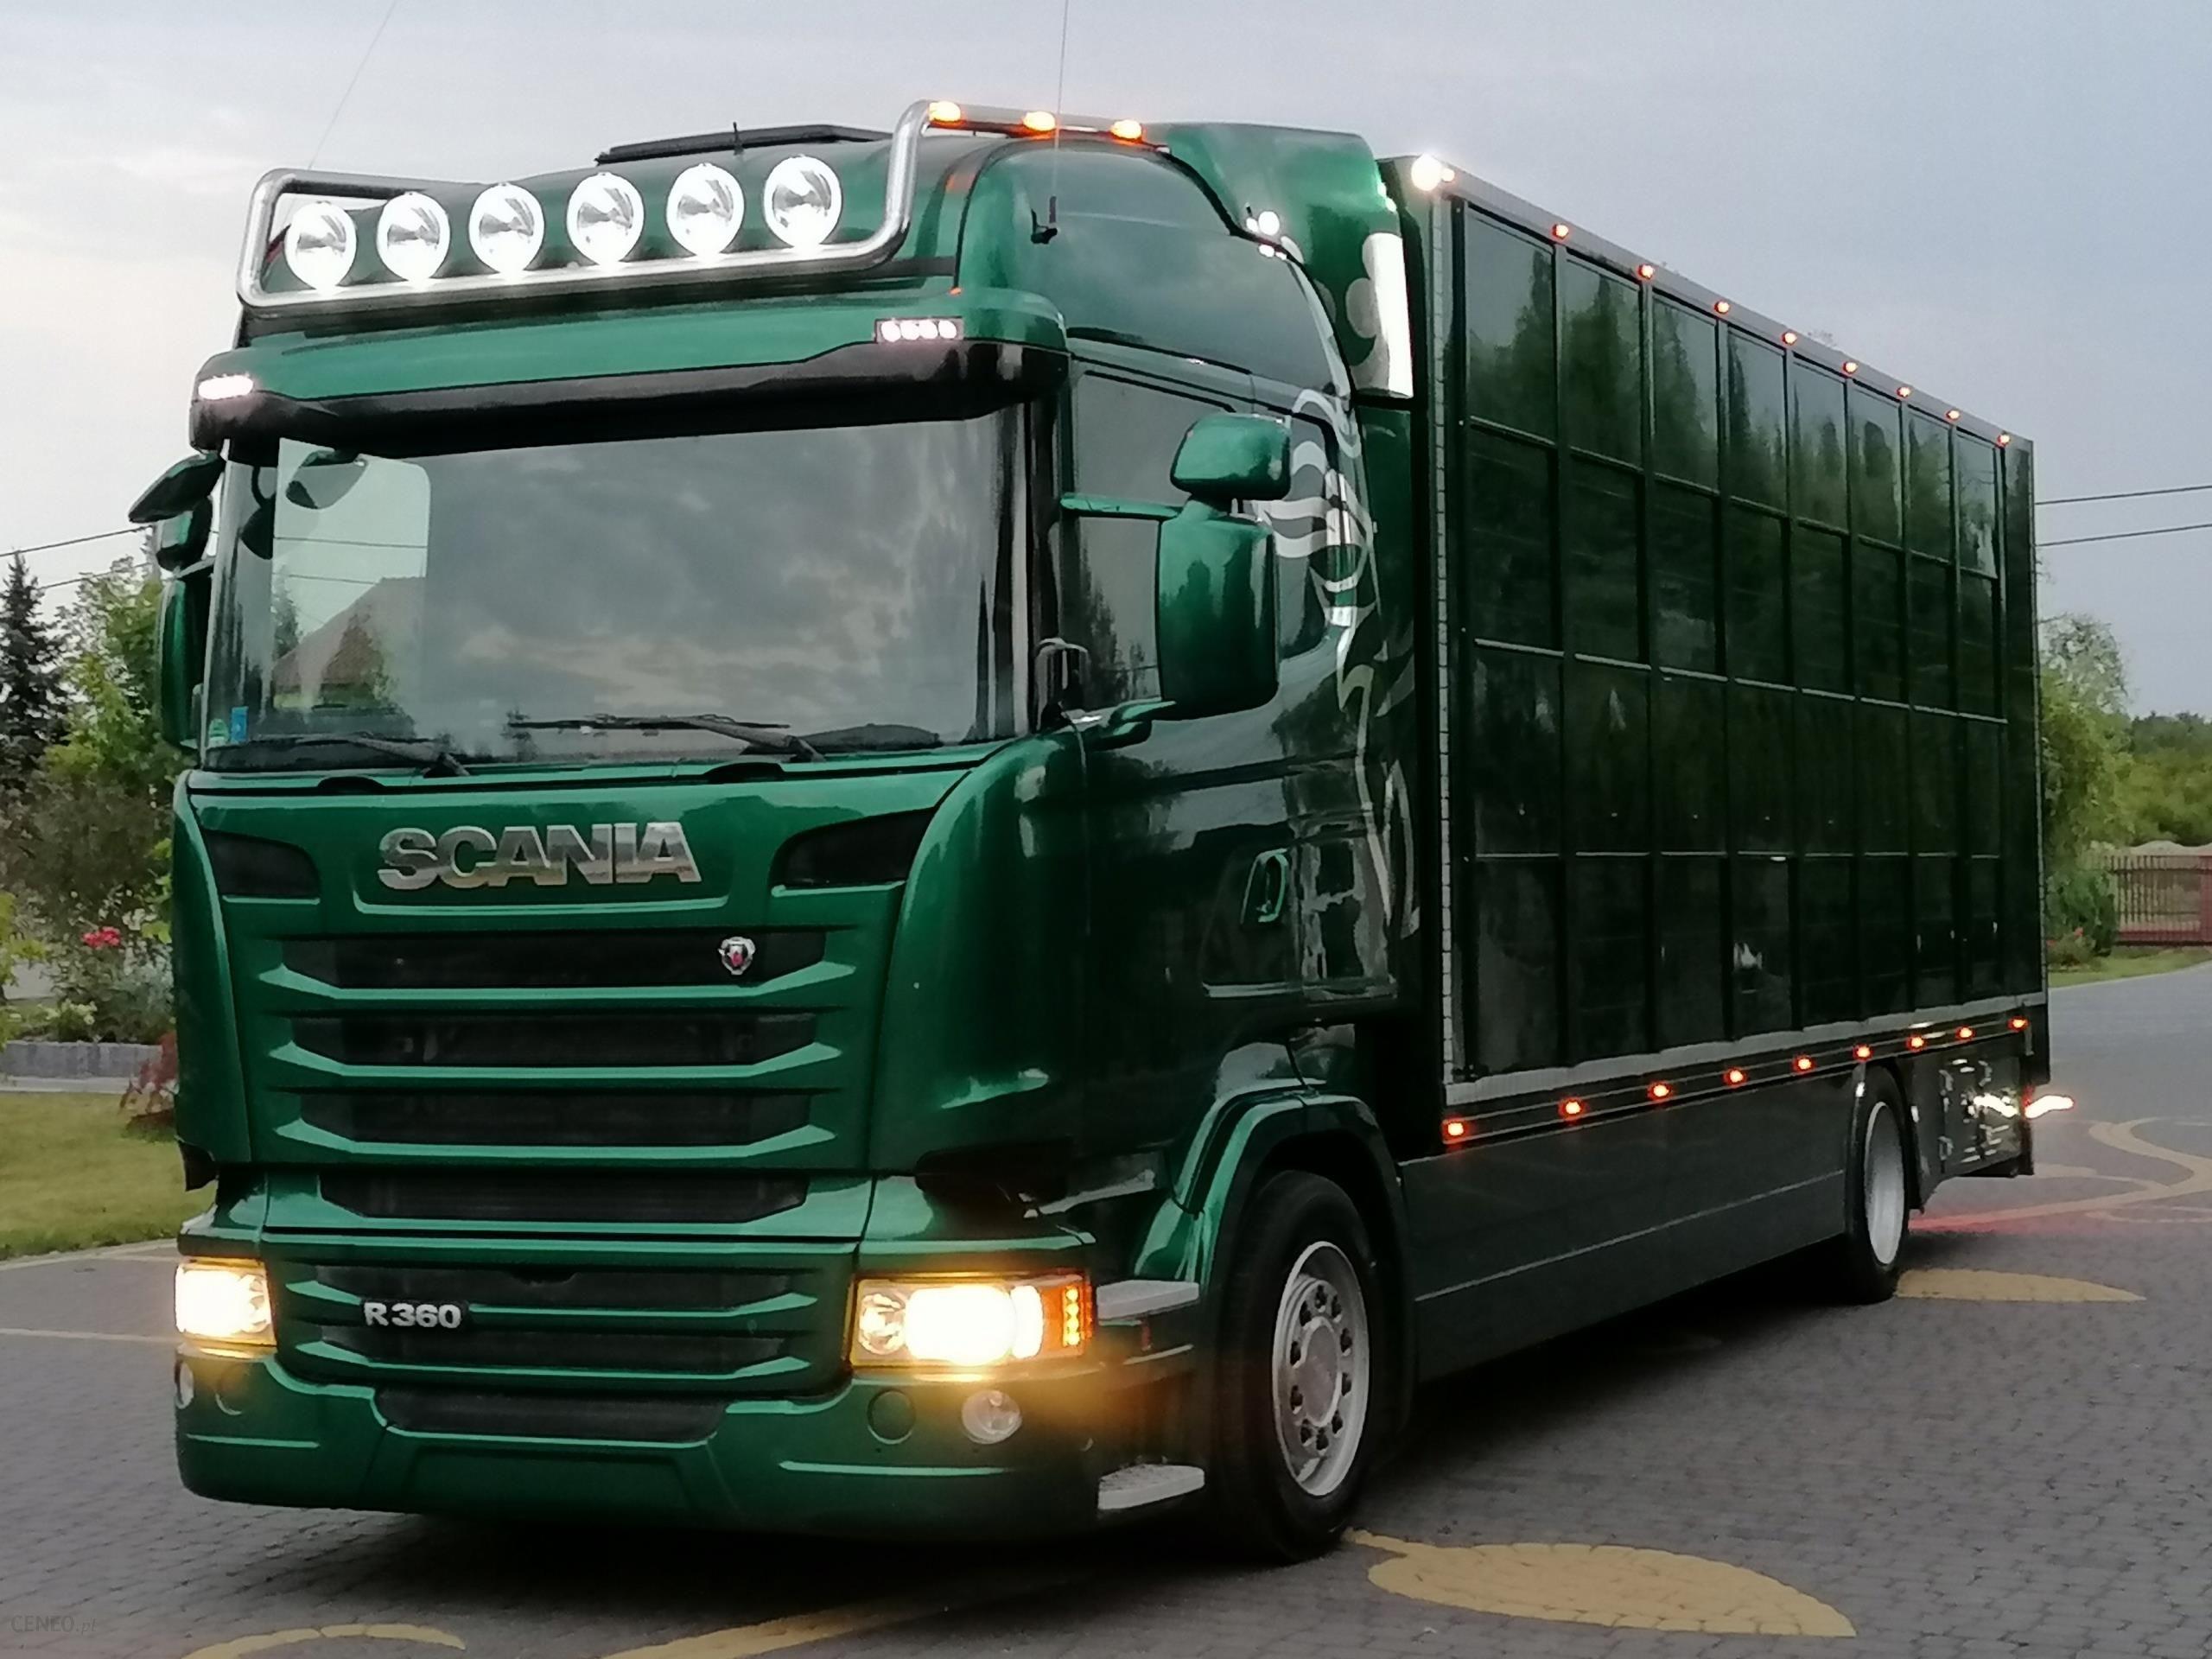 Scania R360 Do Zywca Zwierzat Bydla Opinie I Ceny Na Ceneo Pl